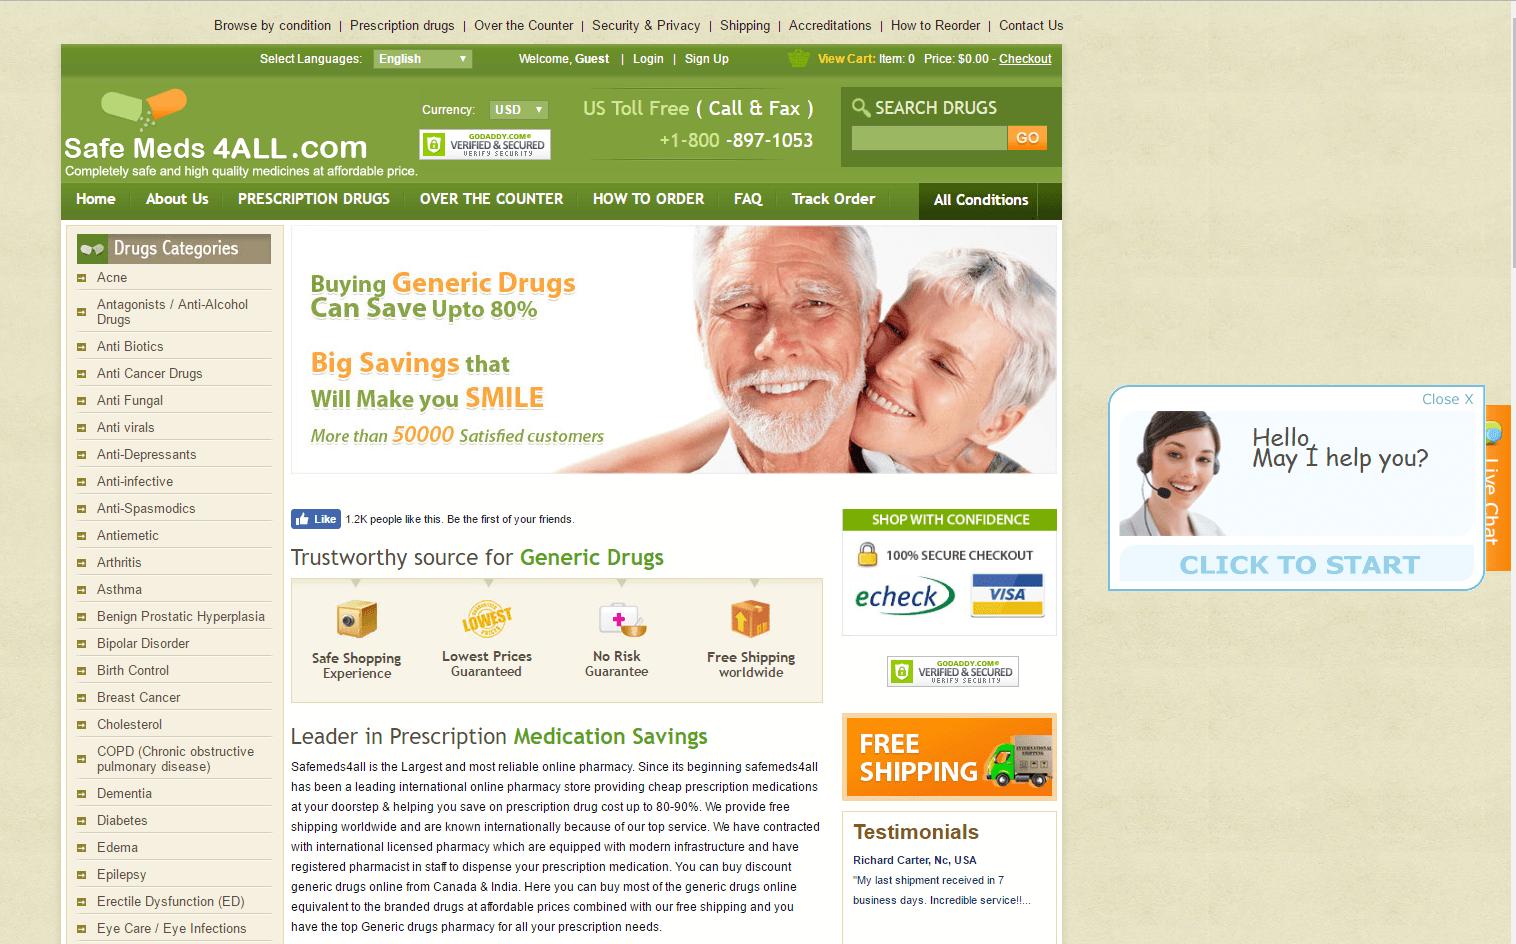 Safemeds4all.com Main Page